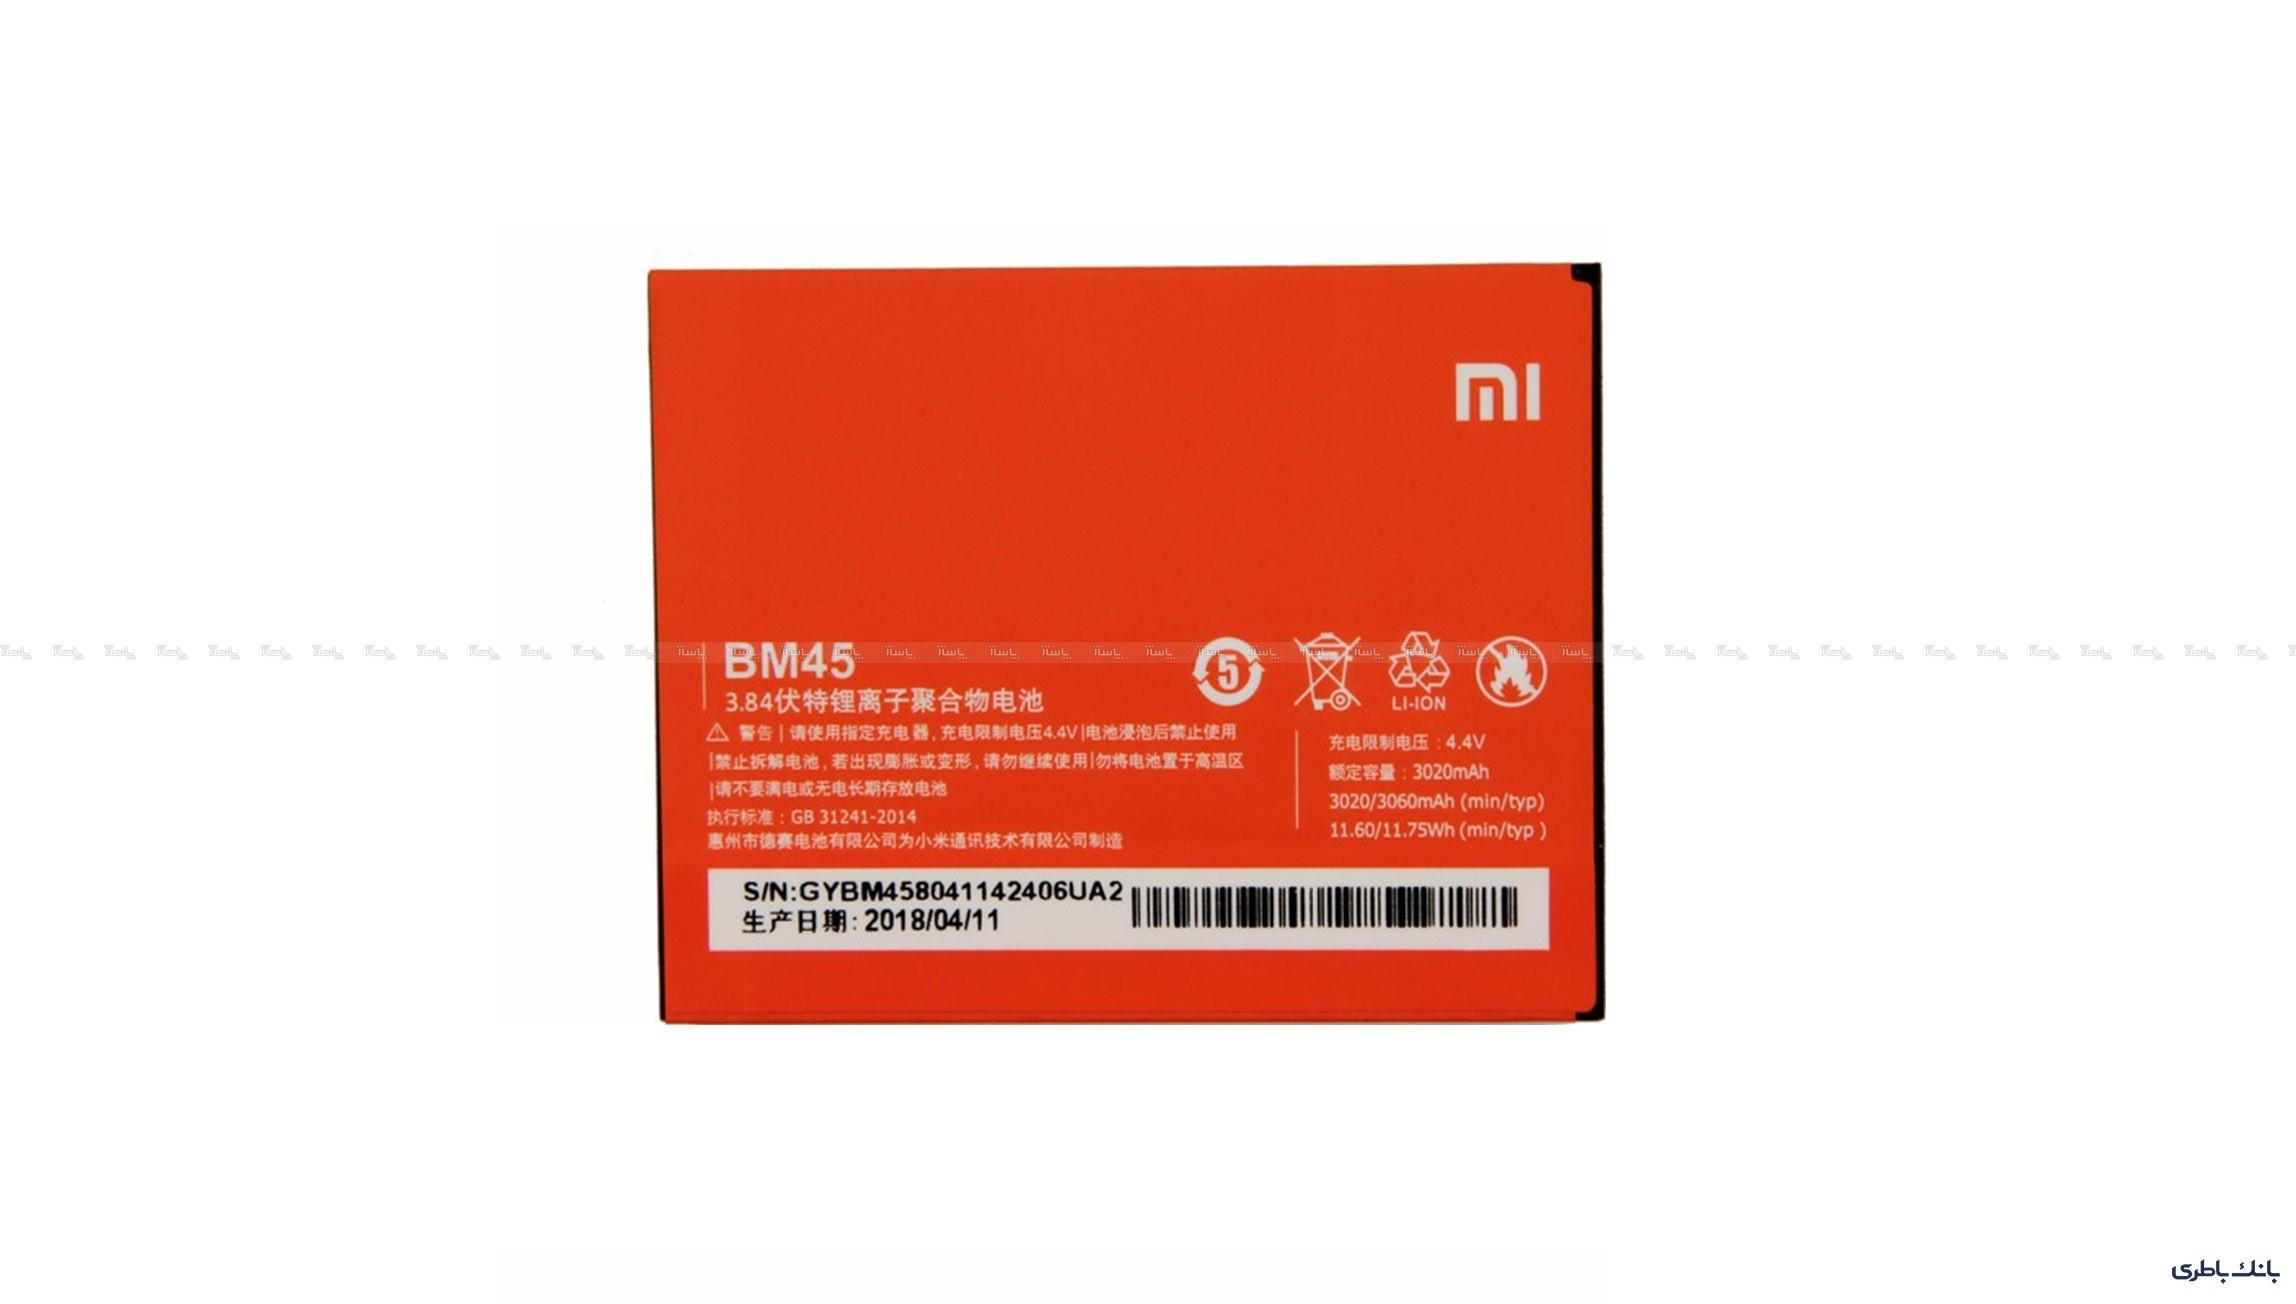 باتری موبایل شیائومی Redmi Note 2 با کد فنی BM45-تصویر اصلی